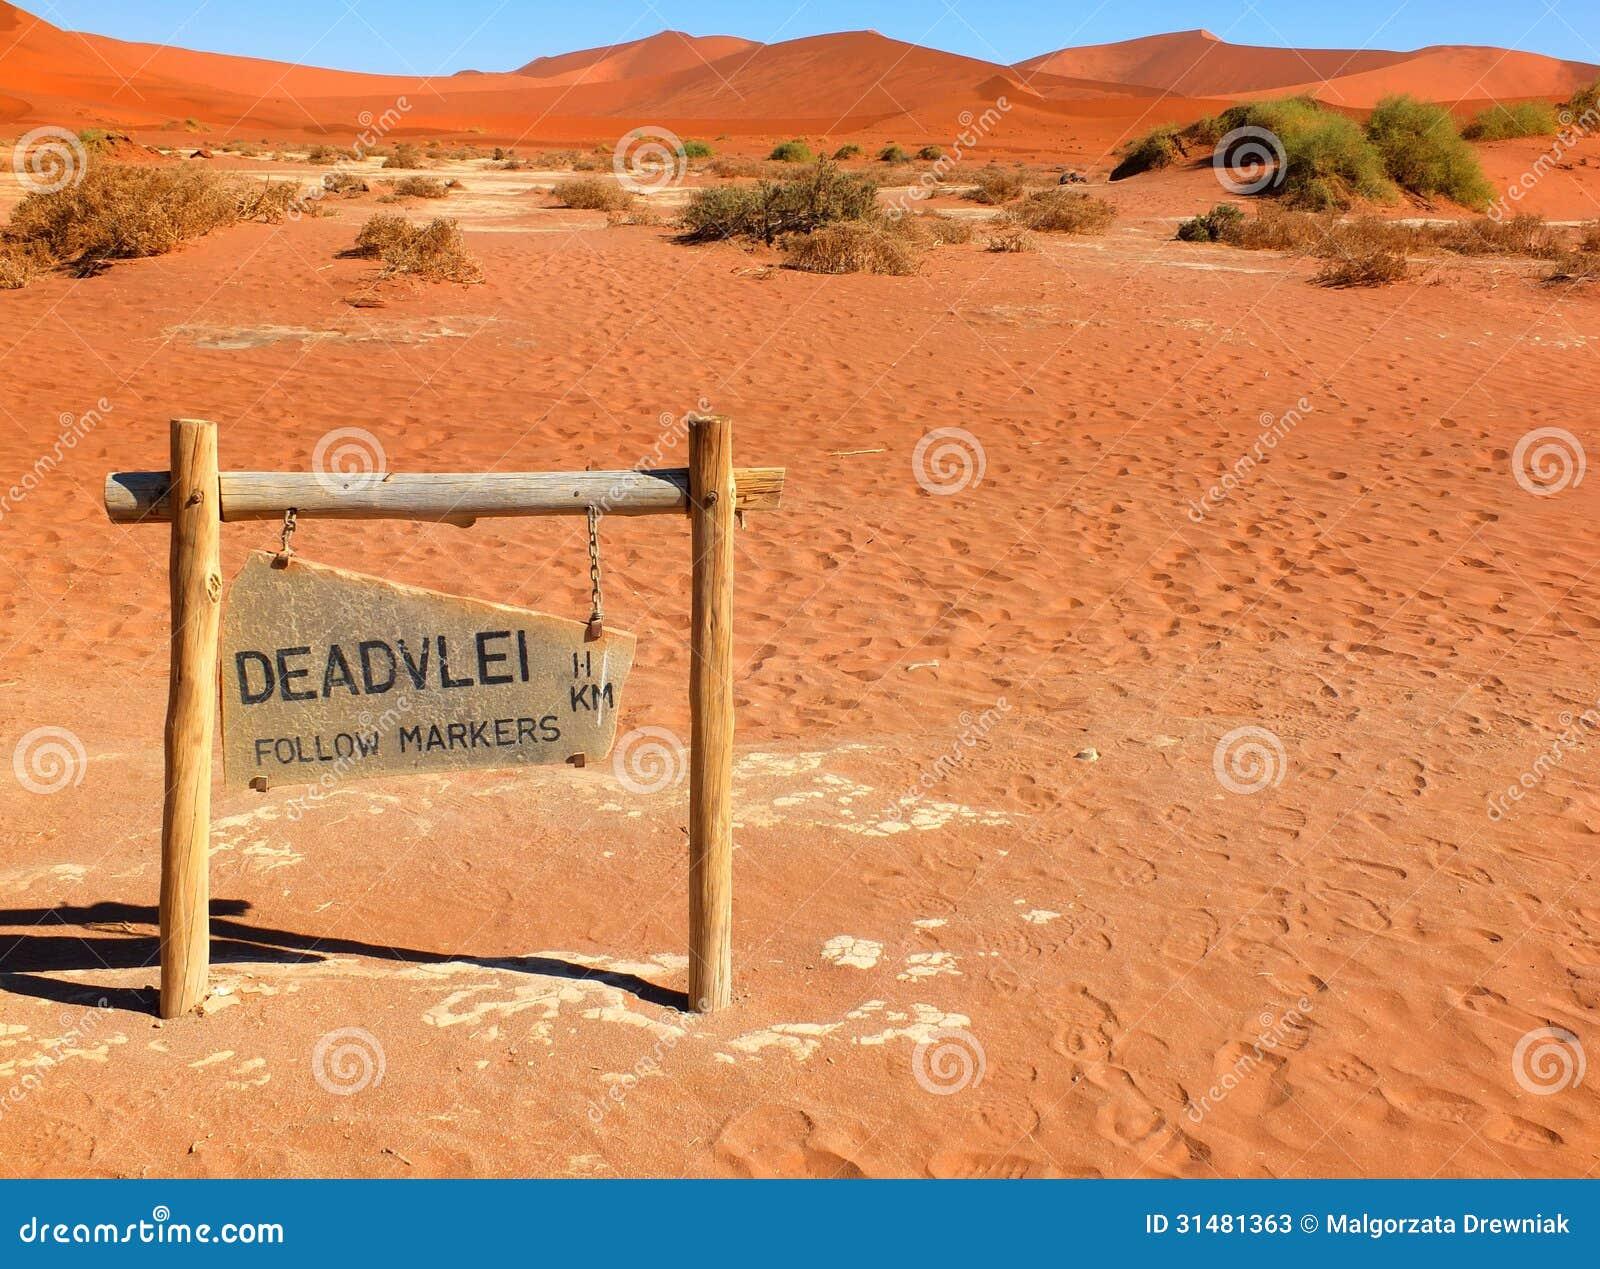 deadvlei  namibia stock photos image 31481363 clip art of thank you note clip art of thank you cake